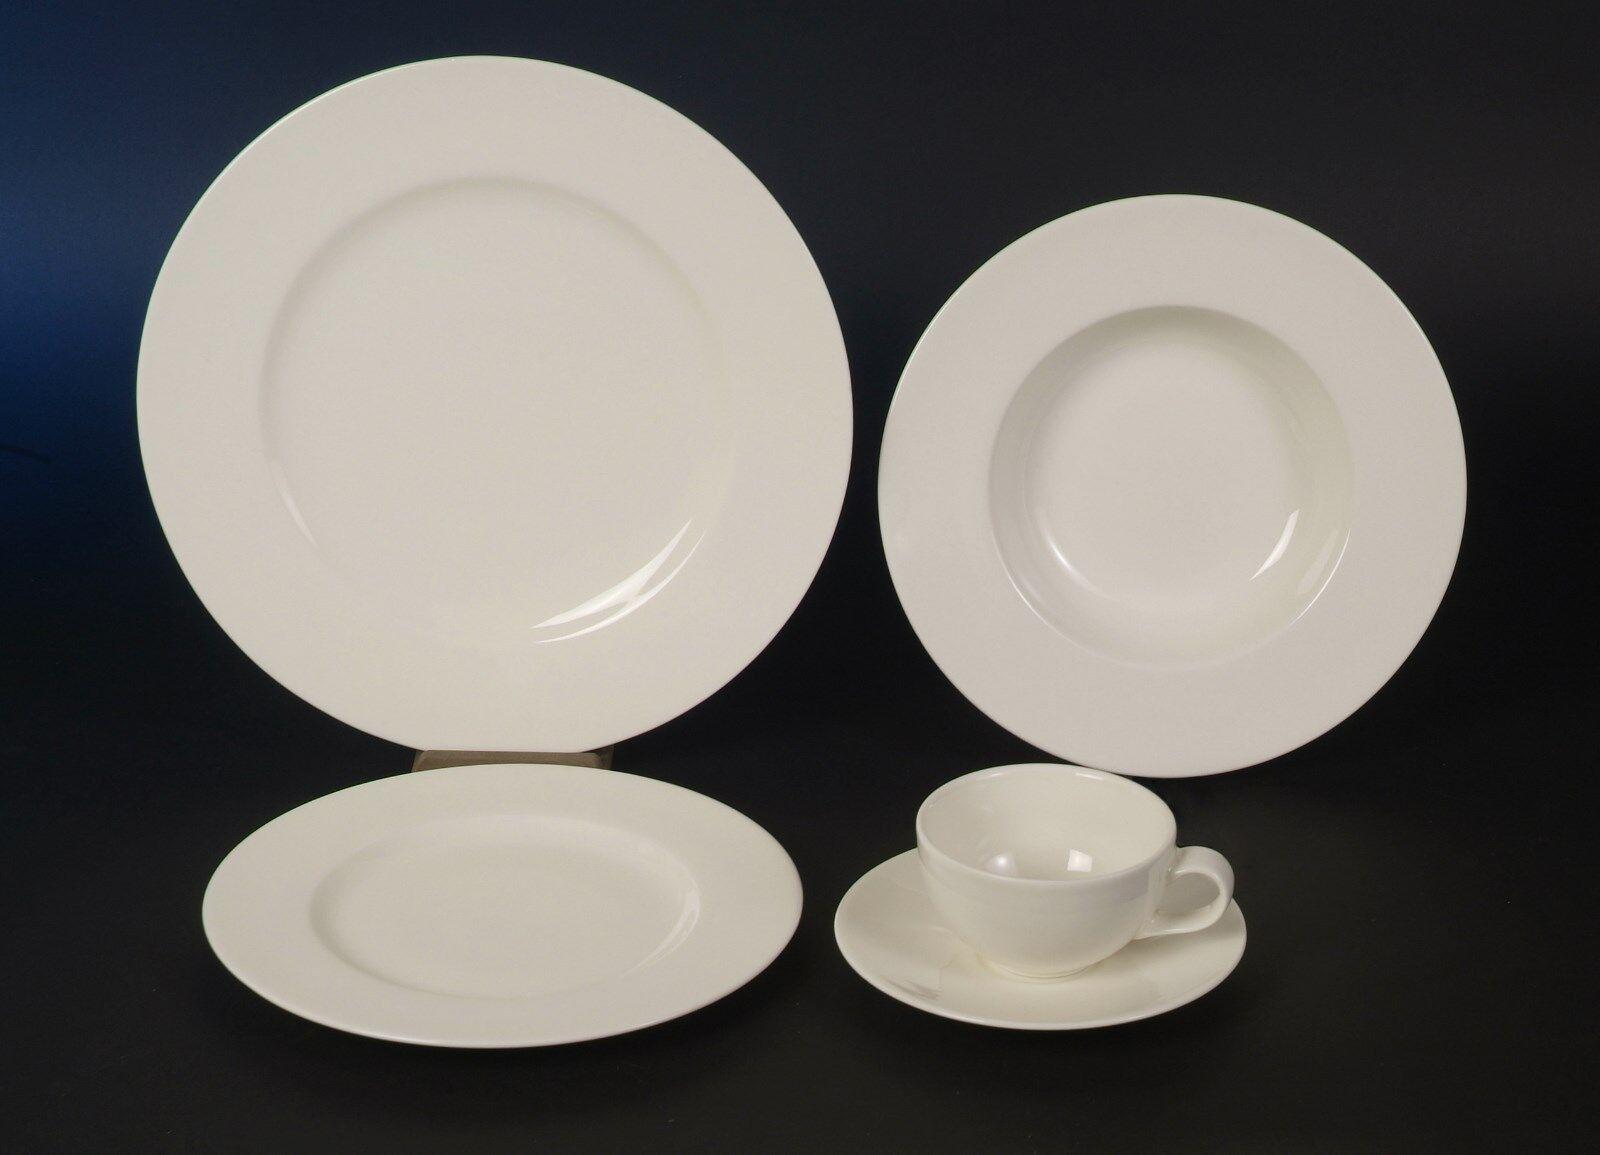 Amelia palacio crème Combi service 12 personnes 60tlg porcelaine vaisselle set NOUVEAU